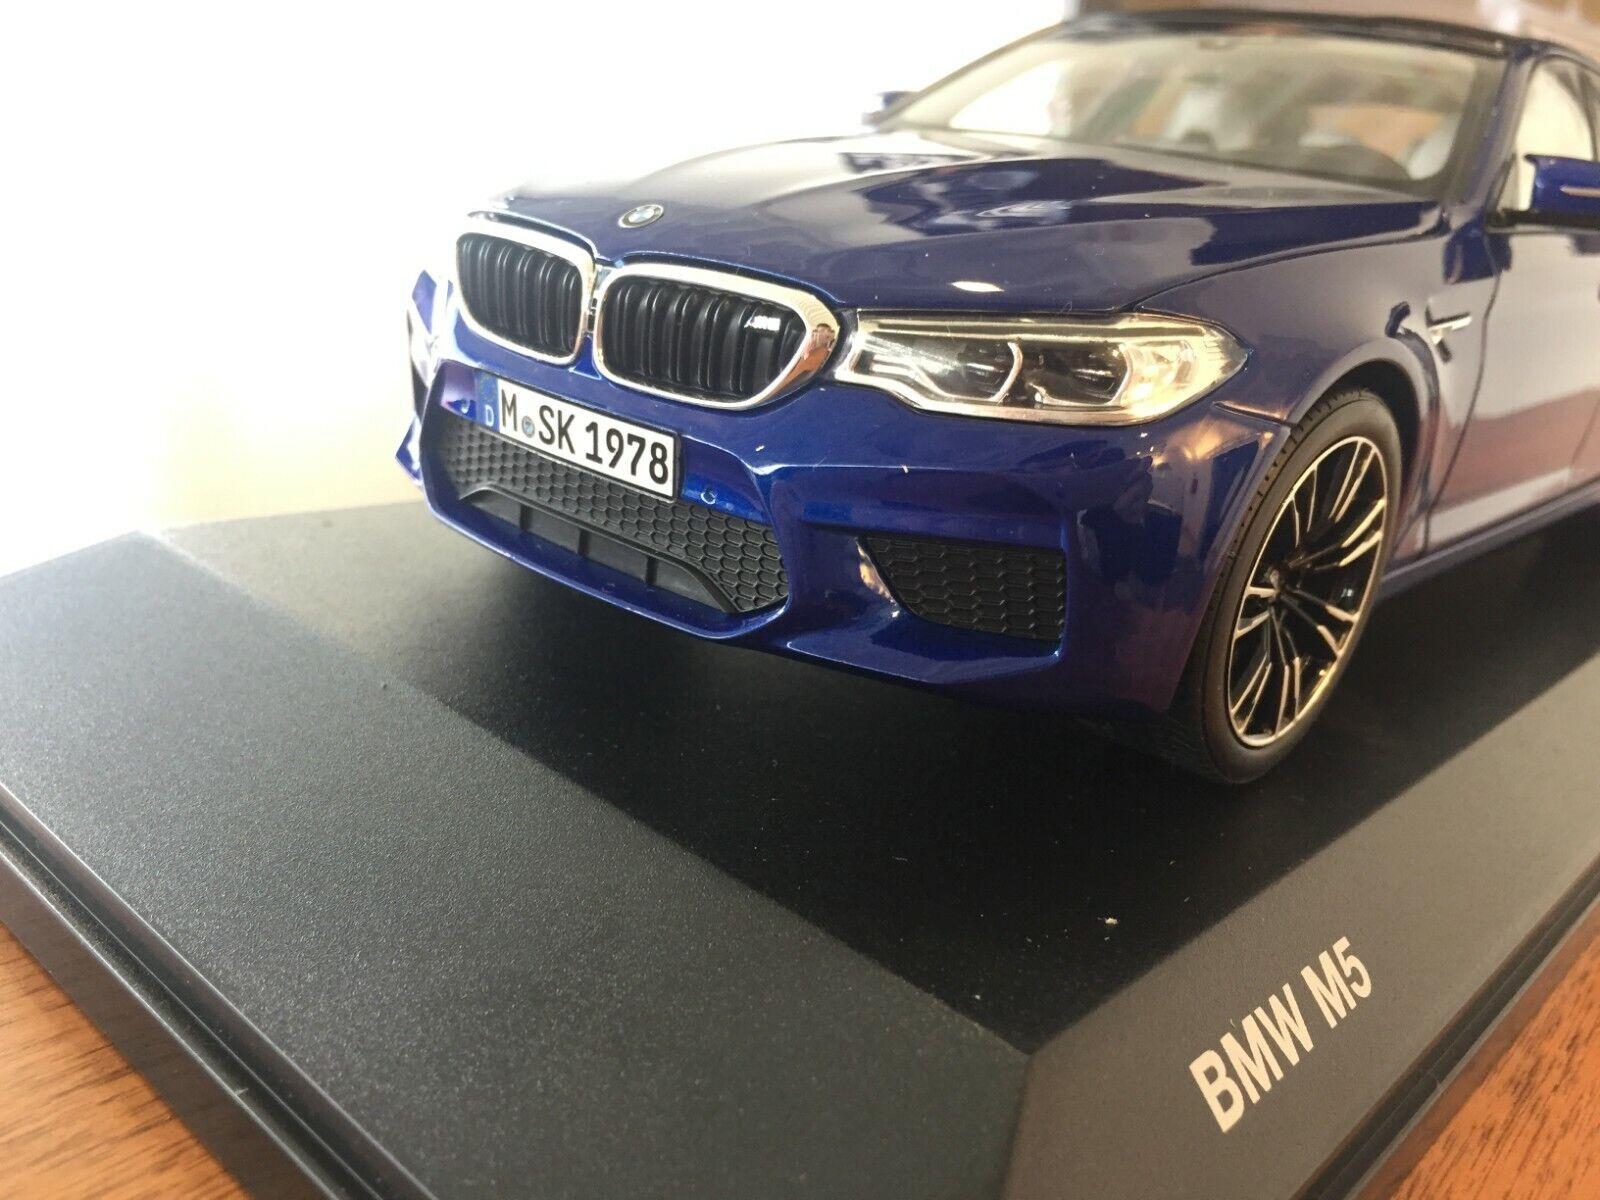 BMW f90 m5 1 18 scale 1 18